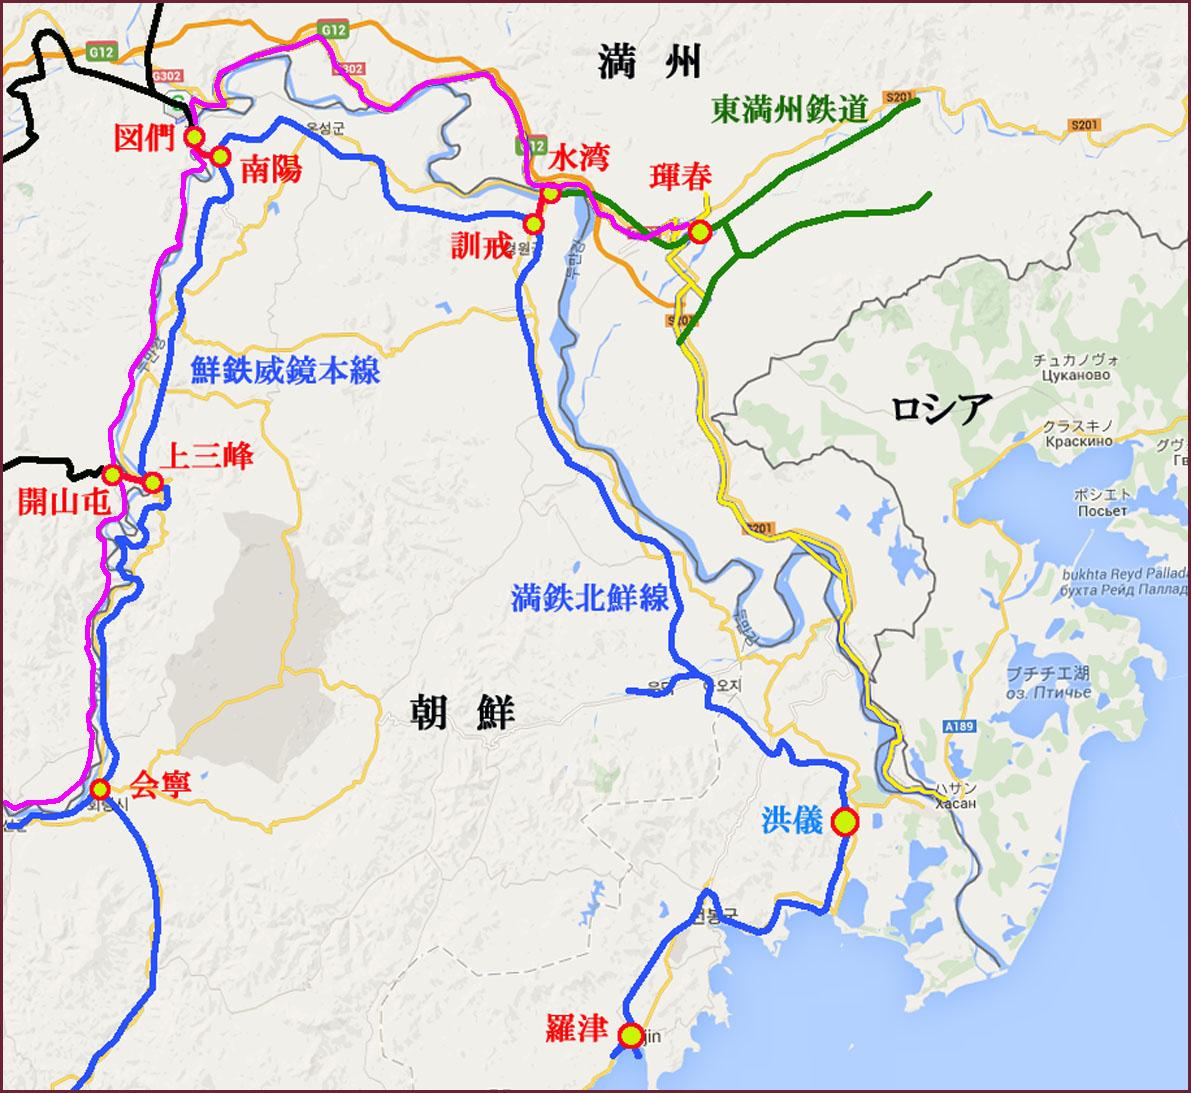 04_地図基本03_1